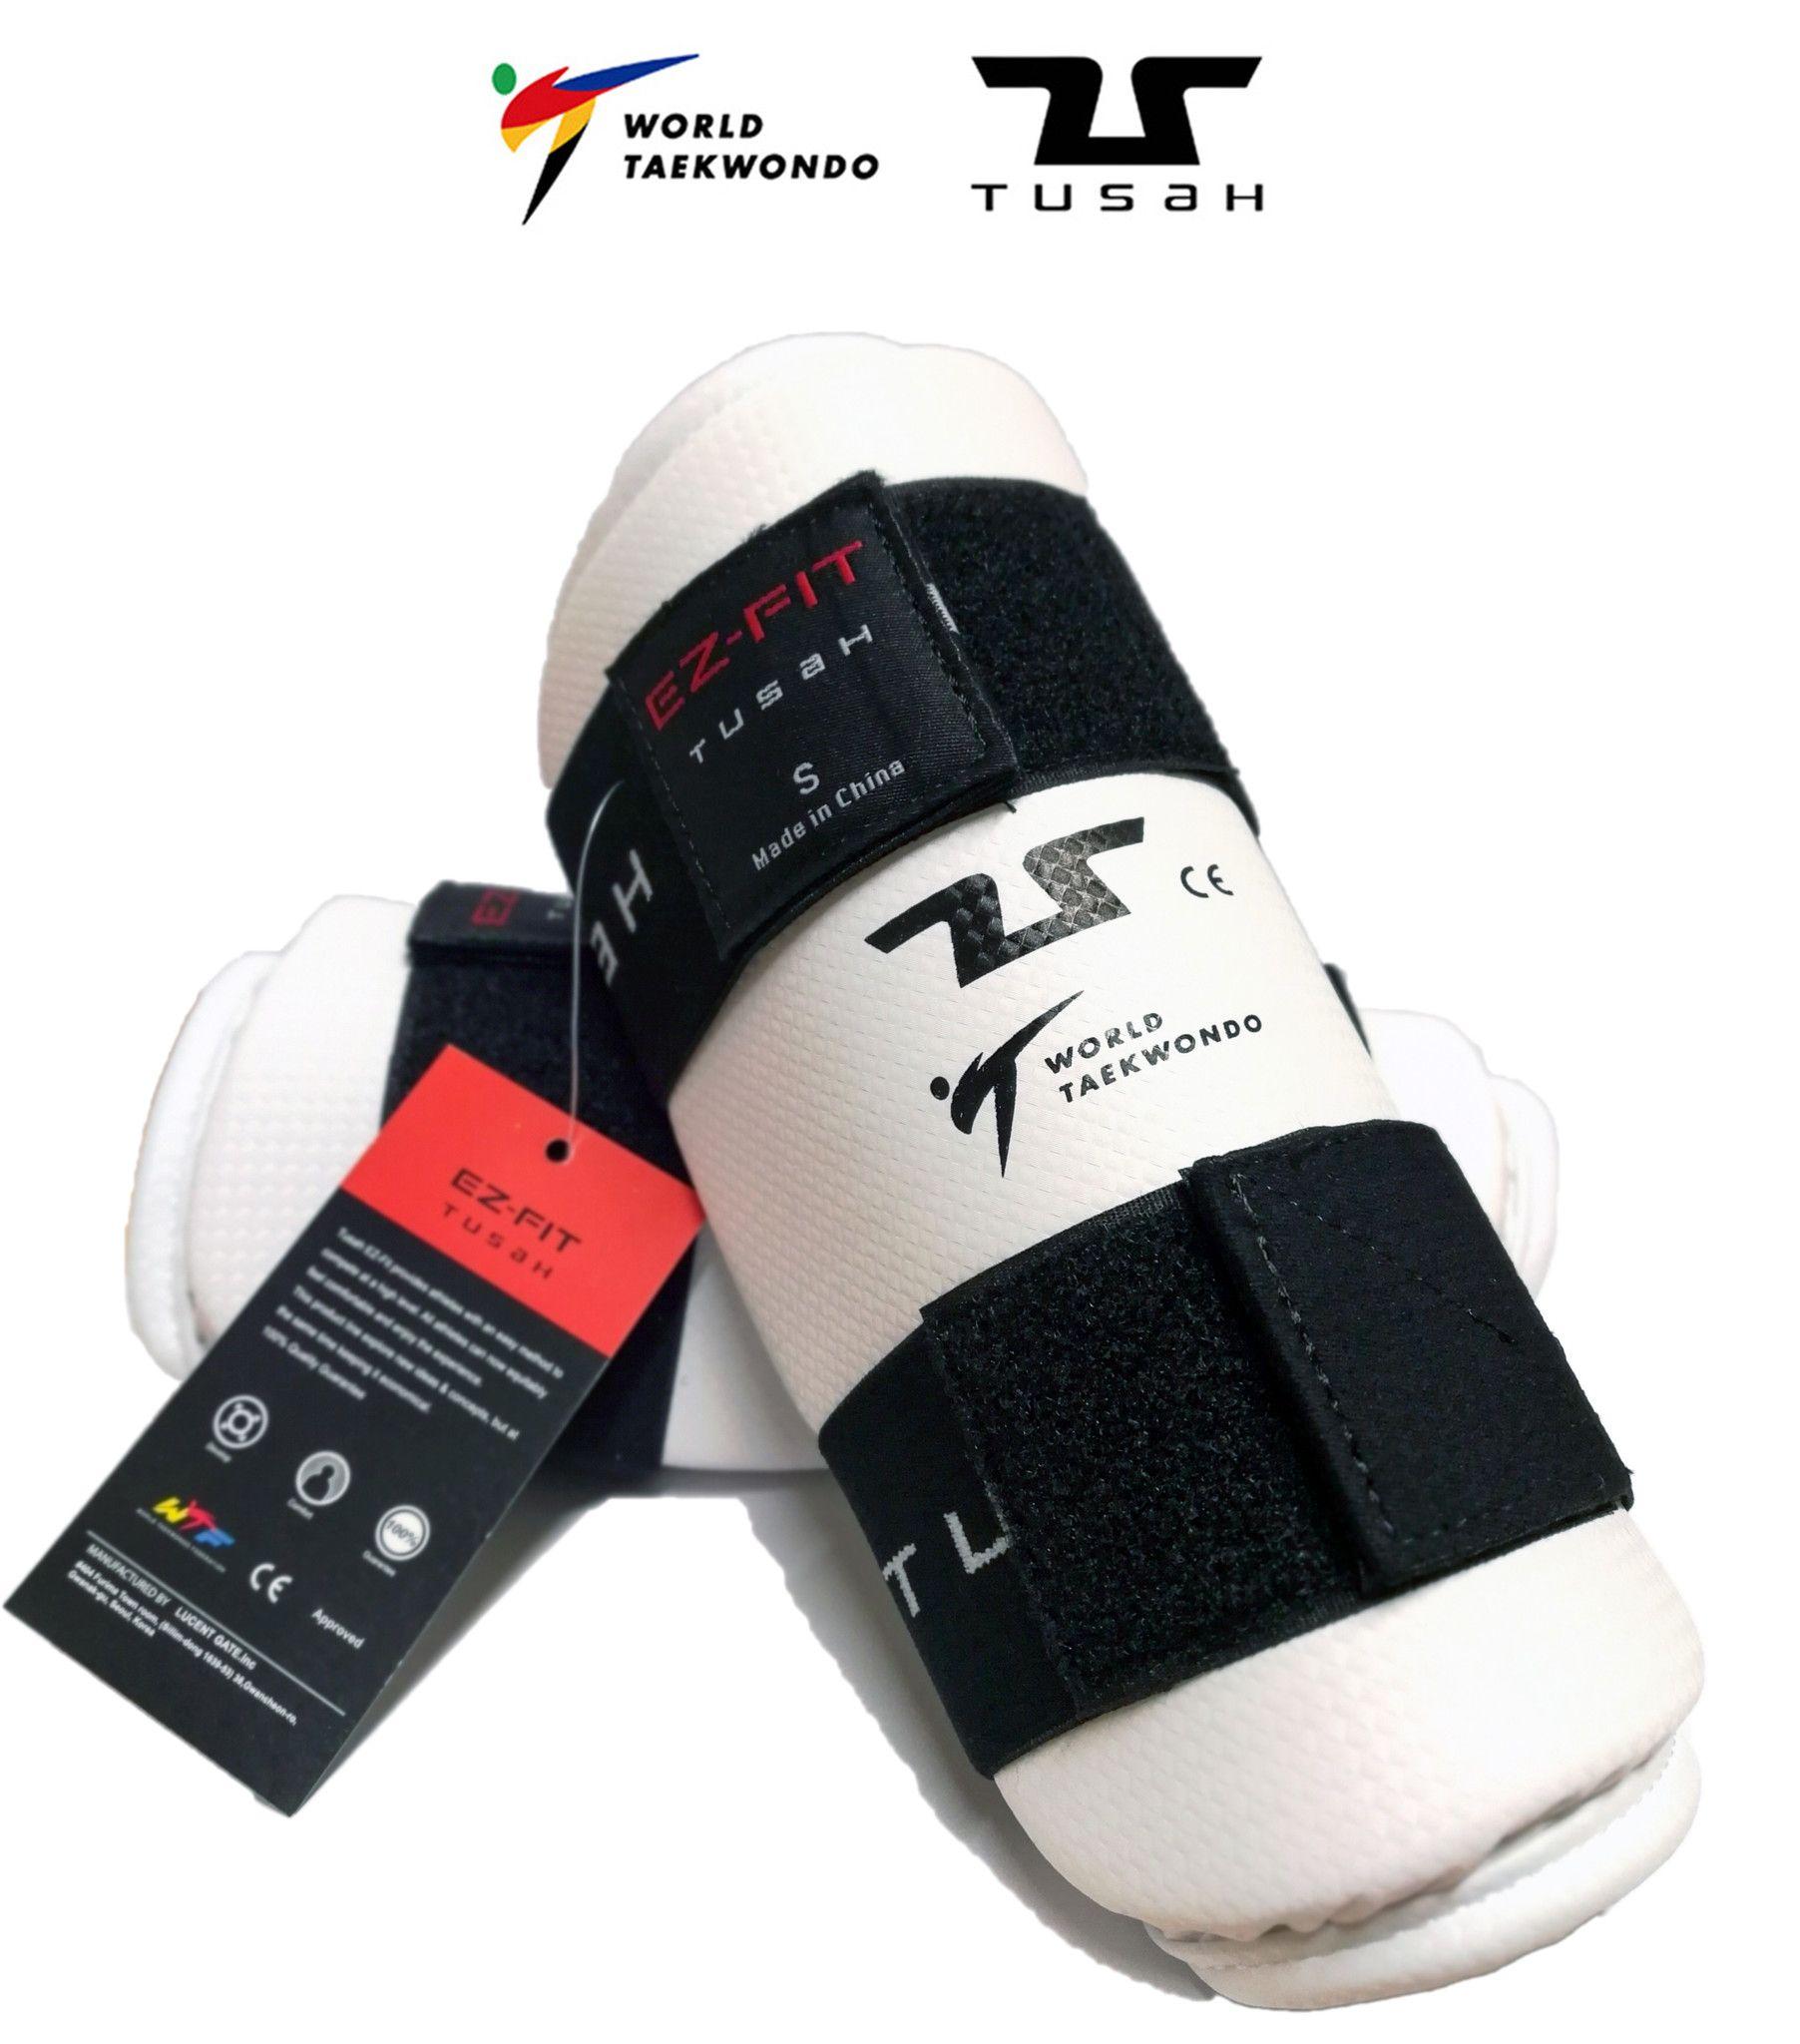 Tusah - Parabraccia per Taekwondo Omologati WT per allenamenti o competizioni